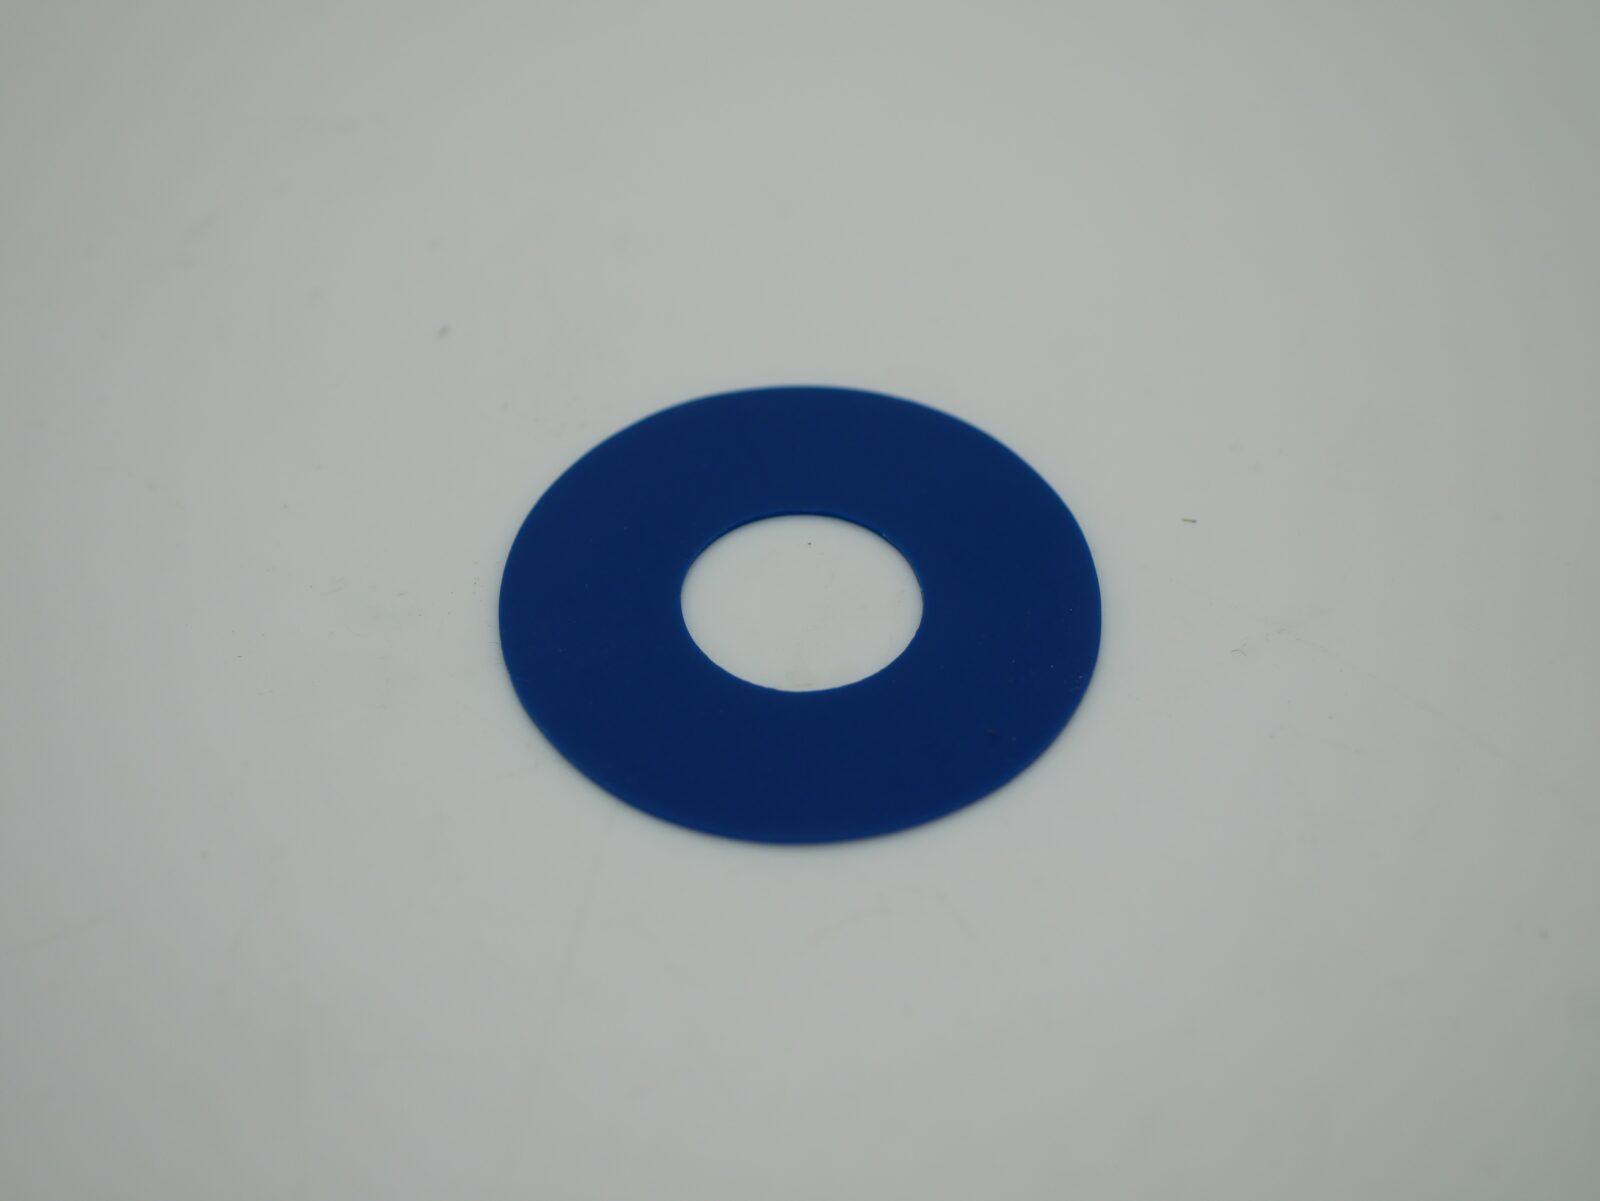 Blue Flat Sucker 38 x 15 x 0.5mm